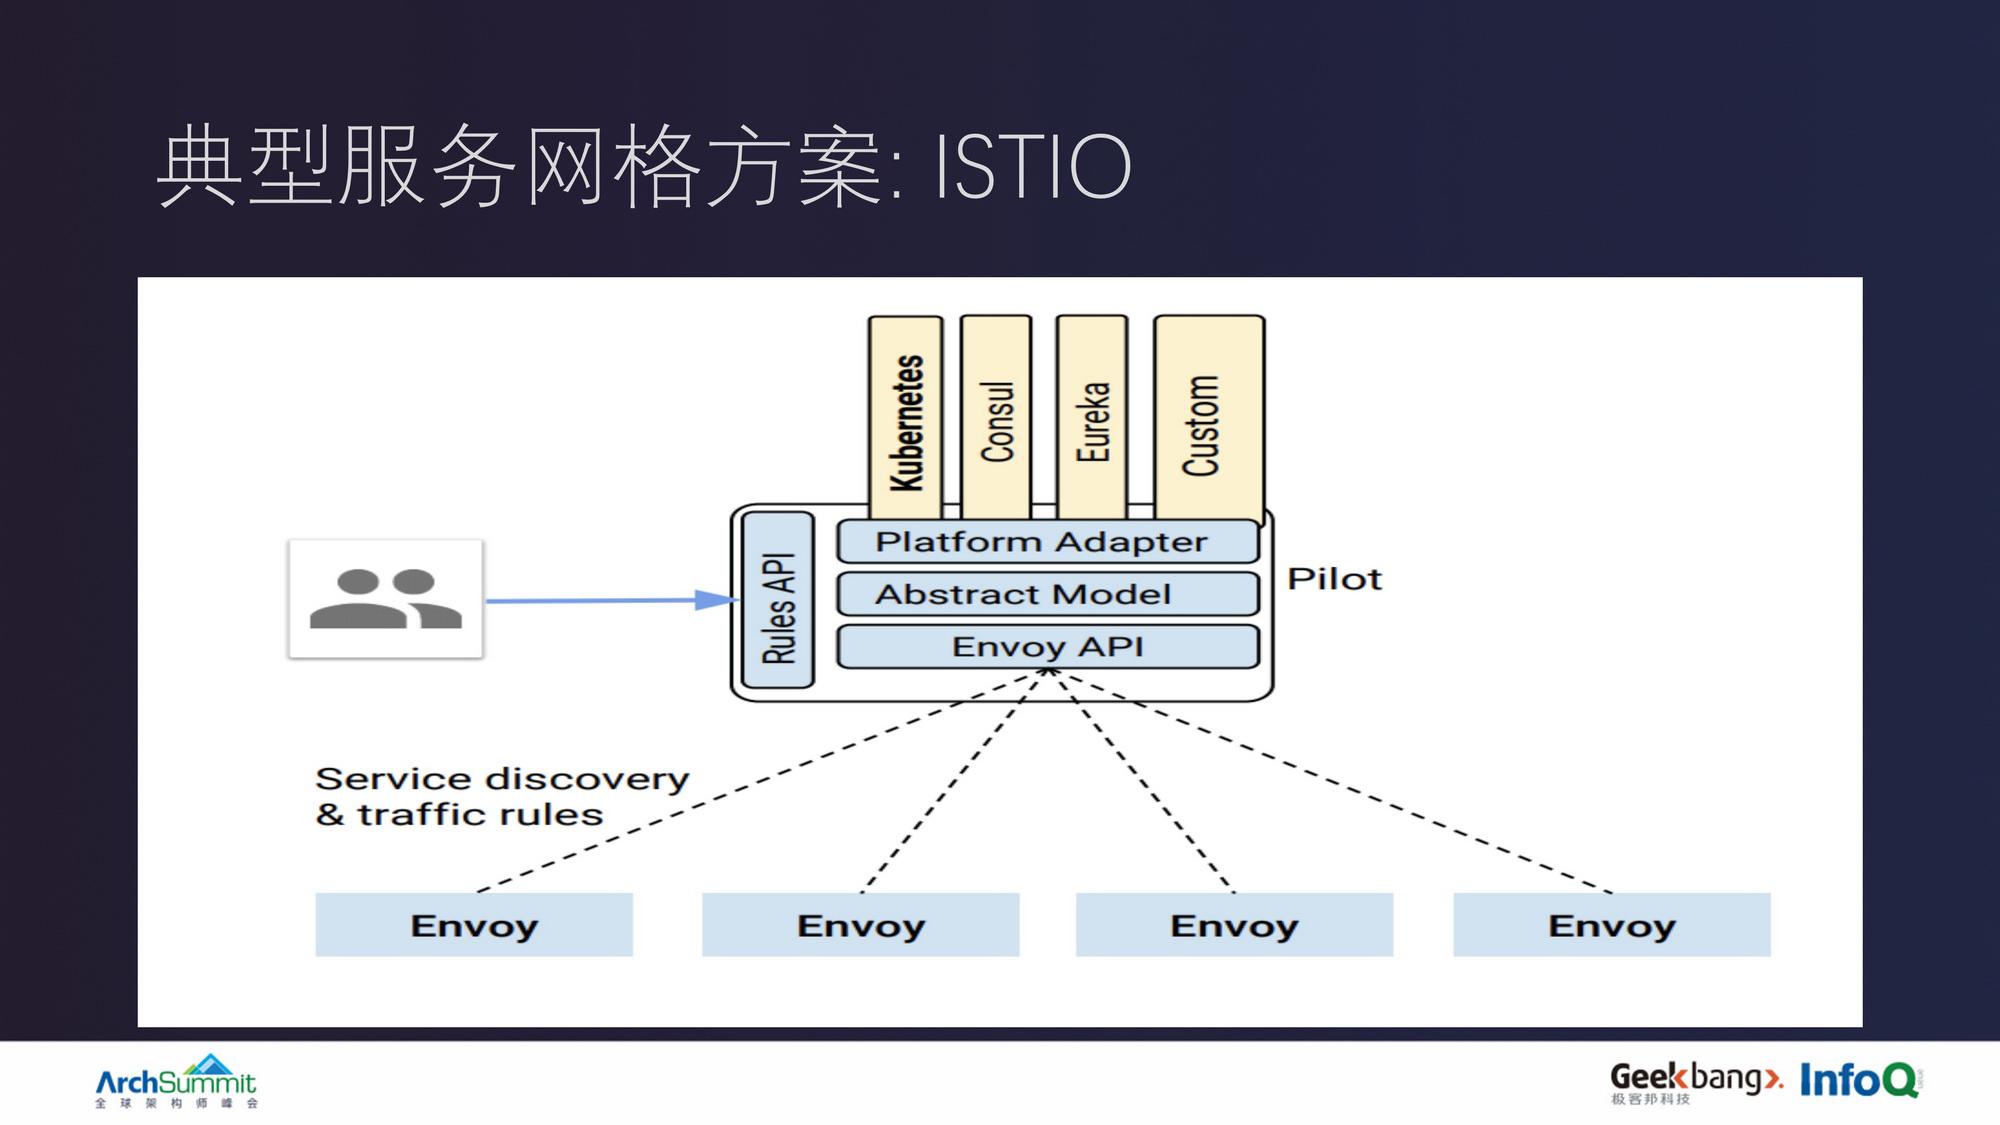 多地域服务网格设计与多环境基础架构实践